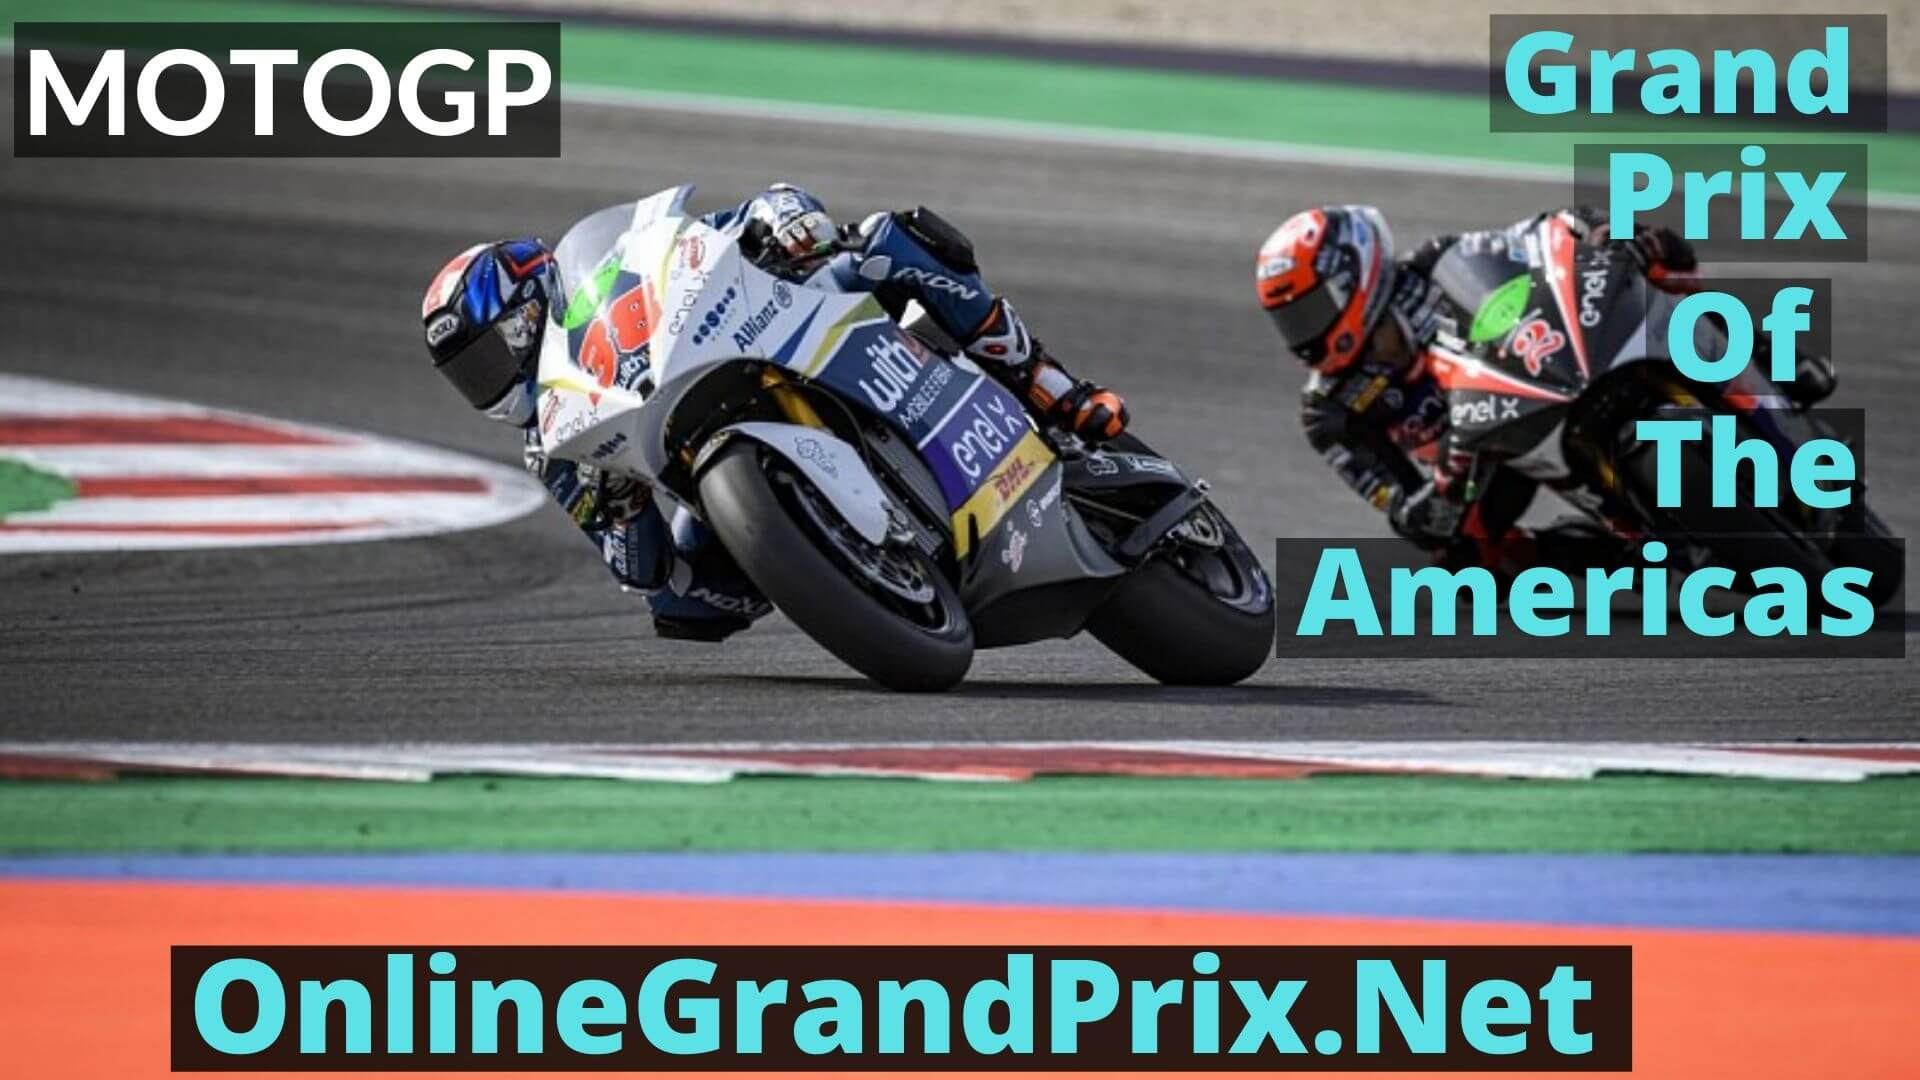 Grand Prix of The Americas Live Stream 2020 | MotoGP